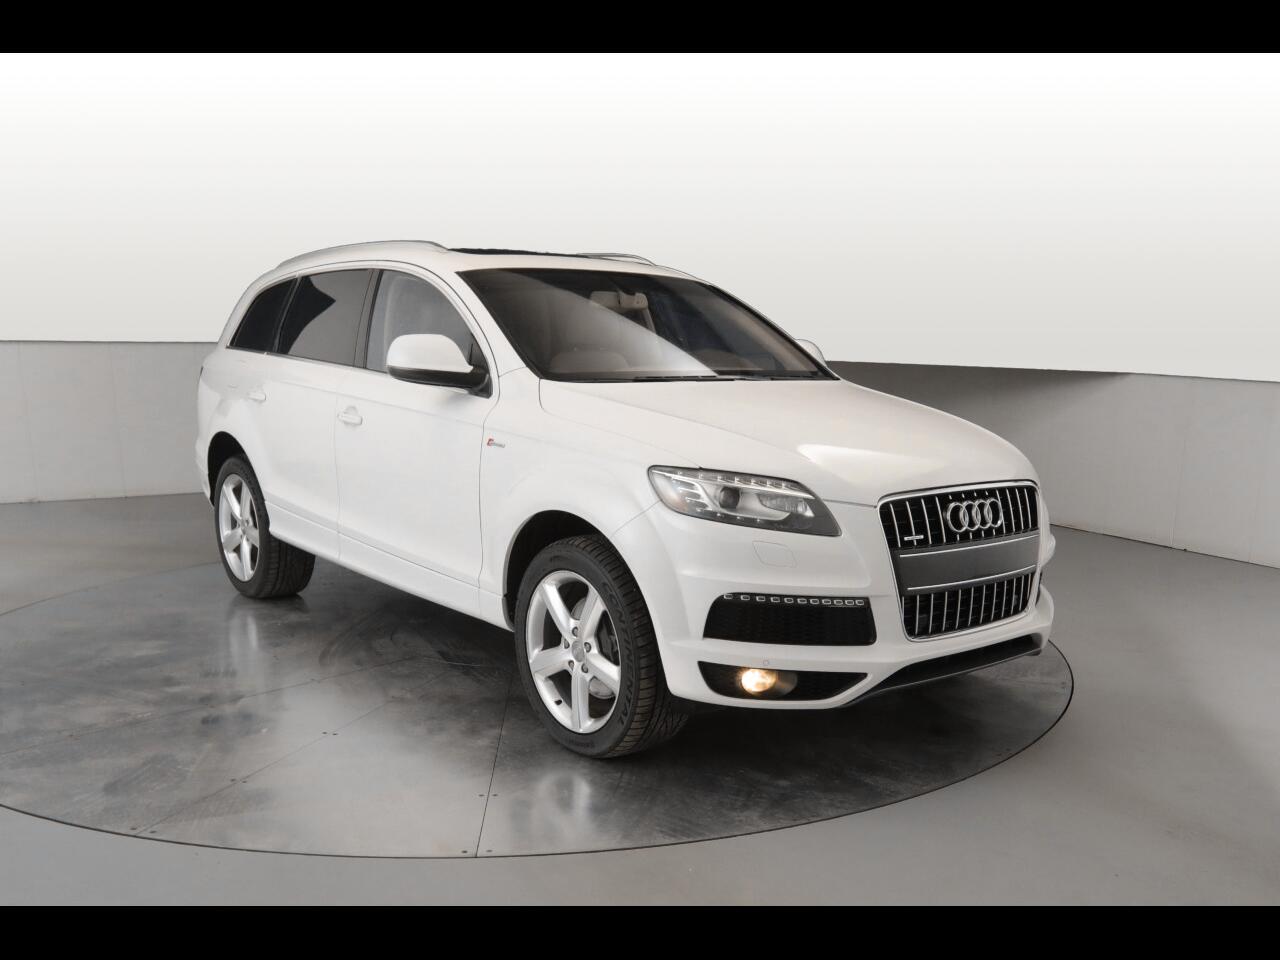 Audi Q7 3.0 S Line Prestige quattro 2014